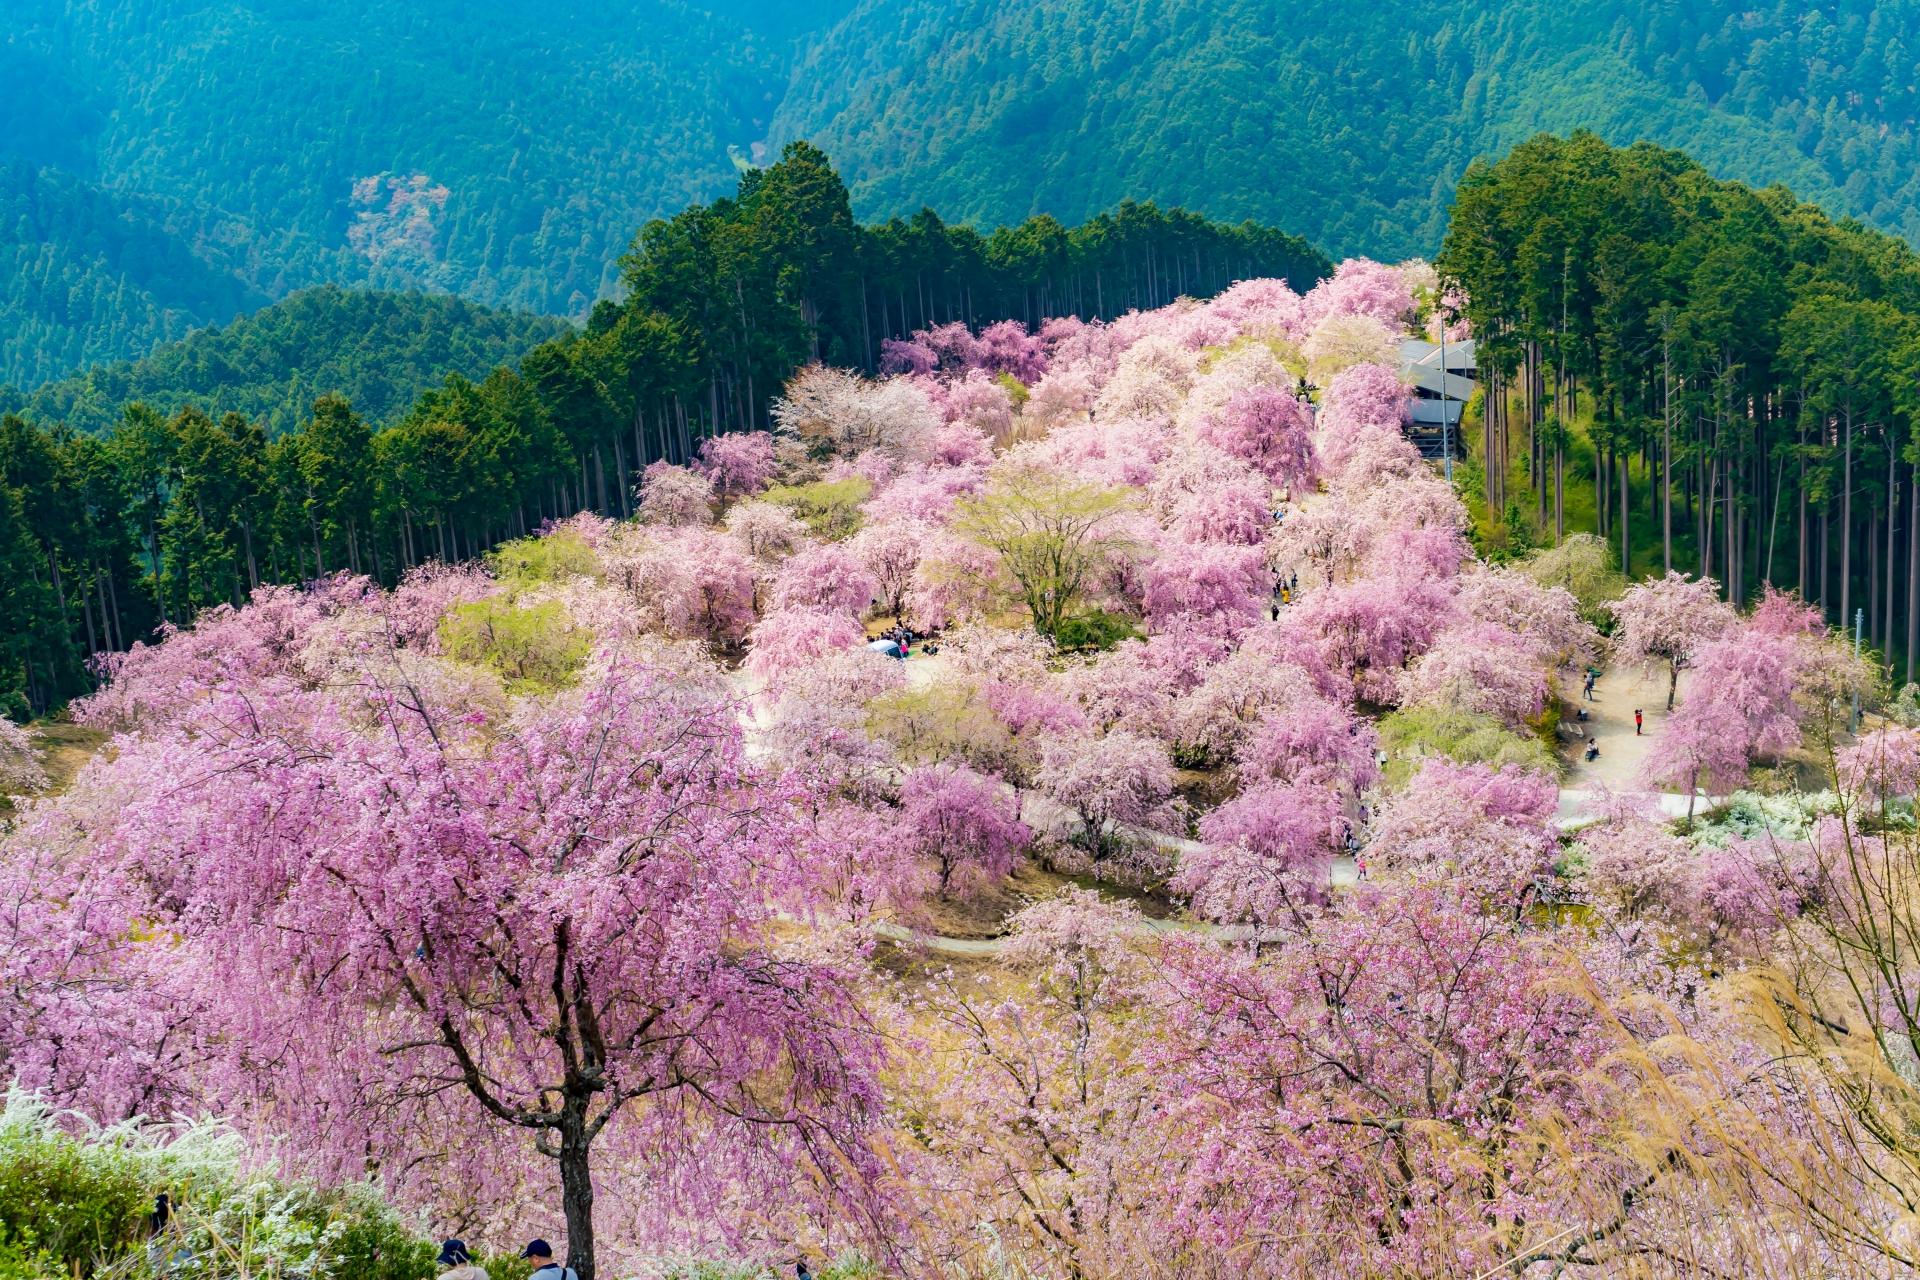 2459726_m 奈良県  高見の郷(1000本のしだれ桜が咲き誇る春におすすめの桜スポット! 写真の紹介、アクセス情報や駐車場情報など)